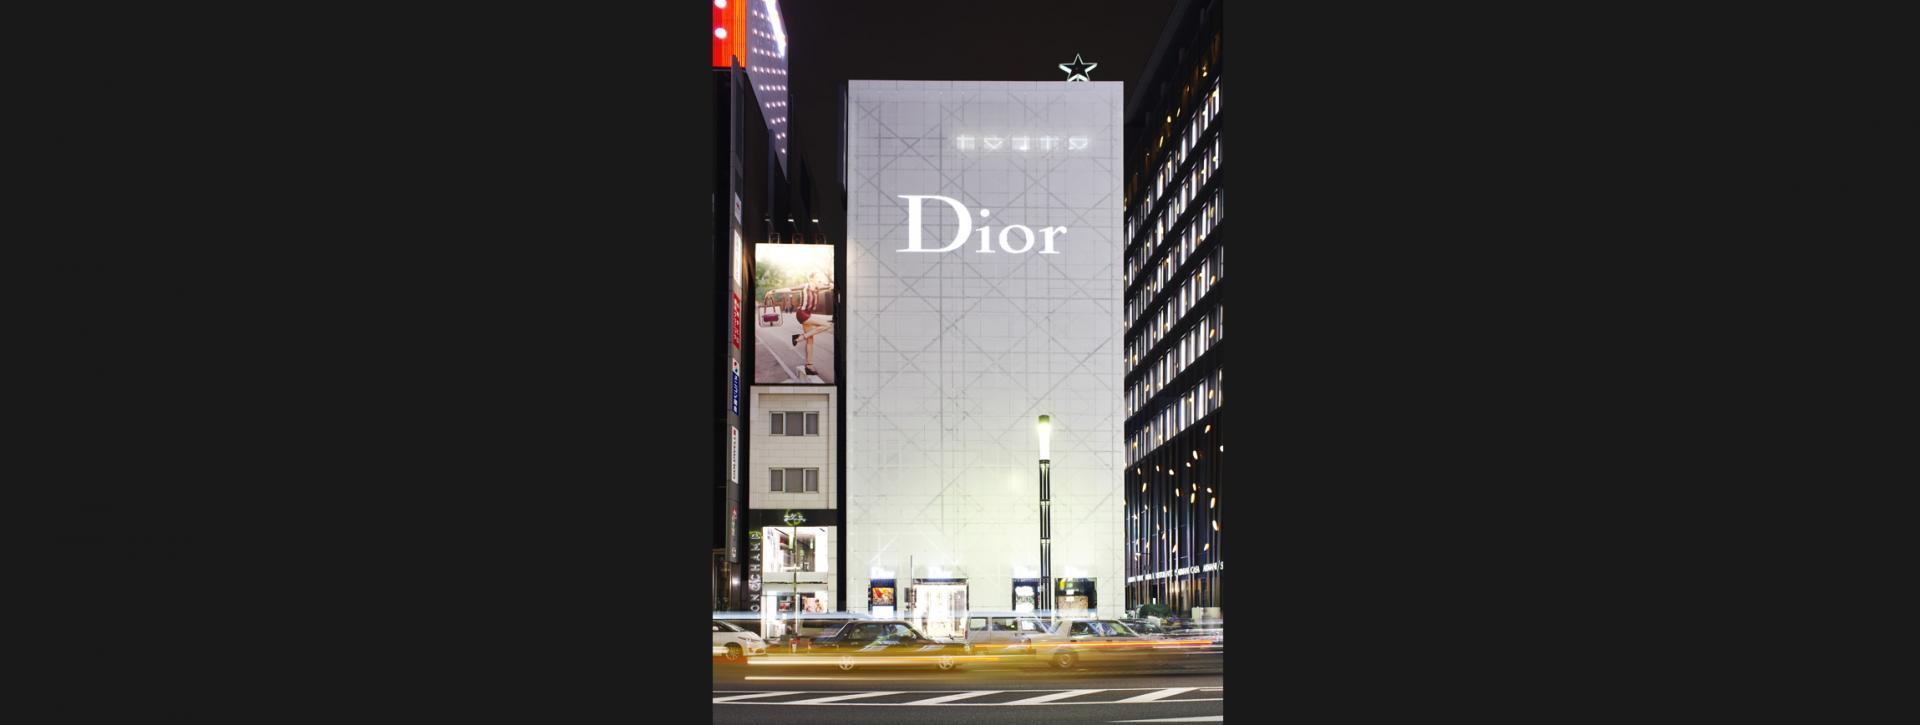 Foto de La boutique de Dior en Tokyo: el poder de la tienda (4/4)